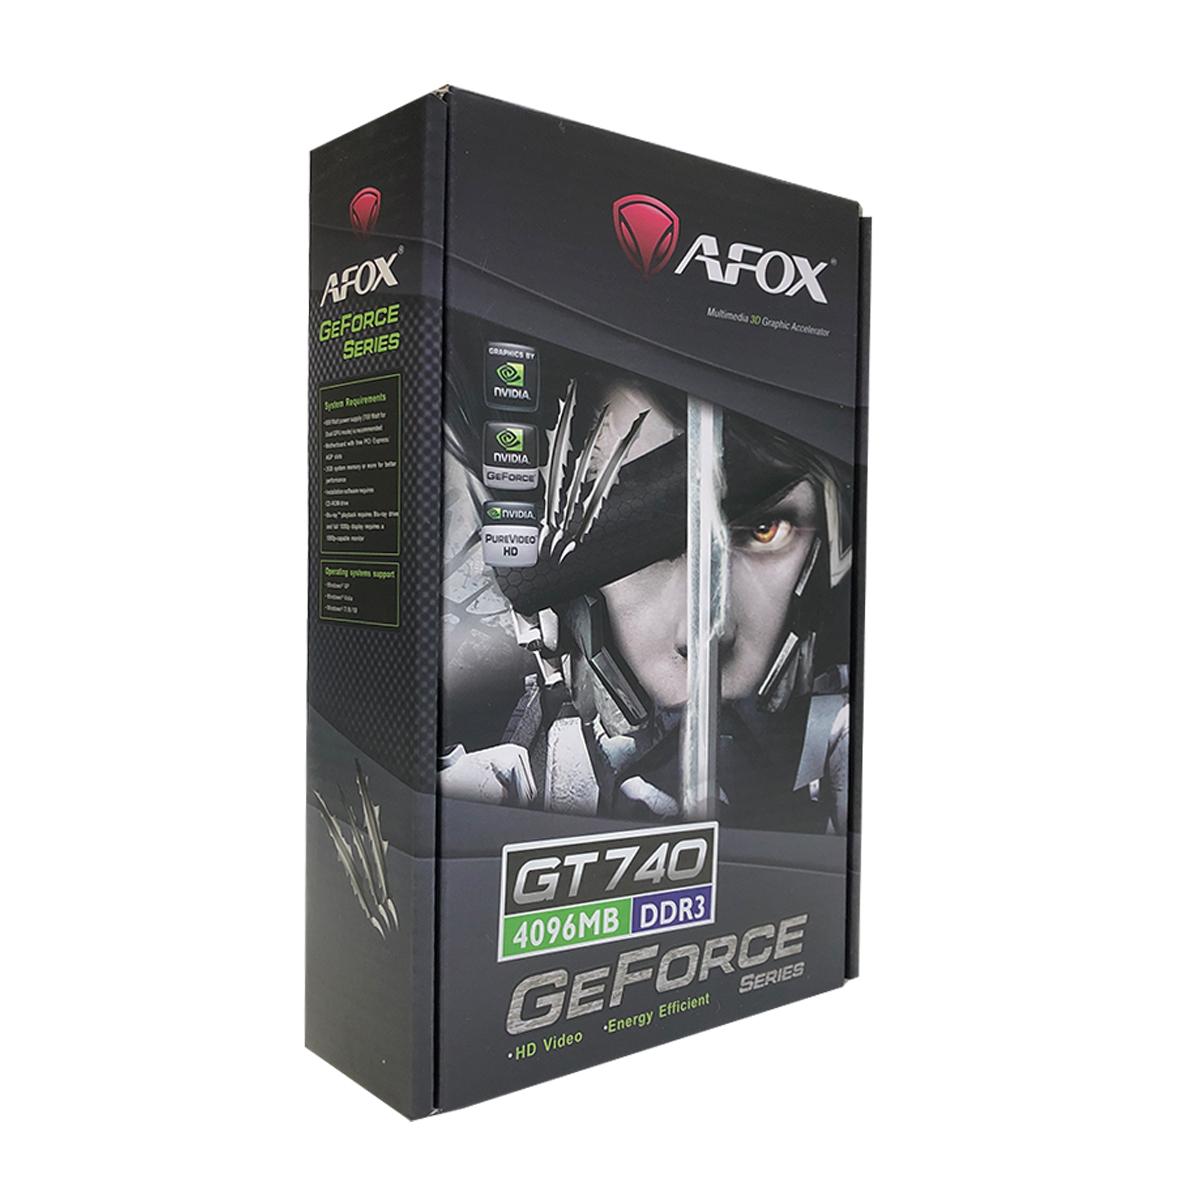 Placa de Vídeo Afox GeForce GT740 4GB, DDR3, 128 Bits, Low Profile, HDMI/DVI/VGA - AF740-4096D3L3